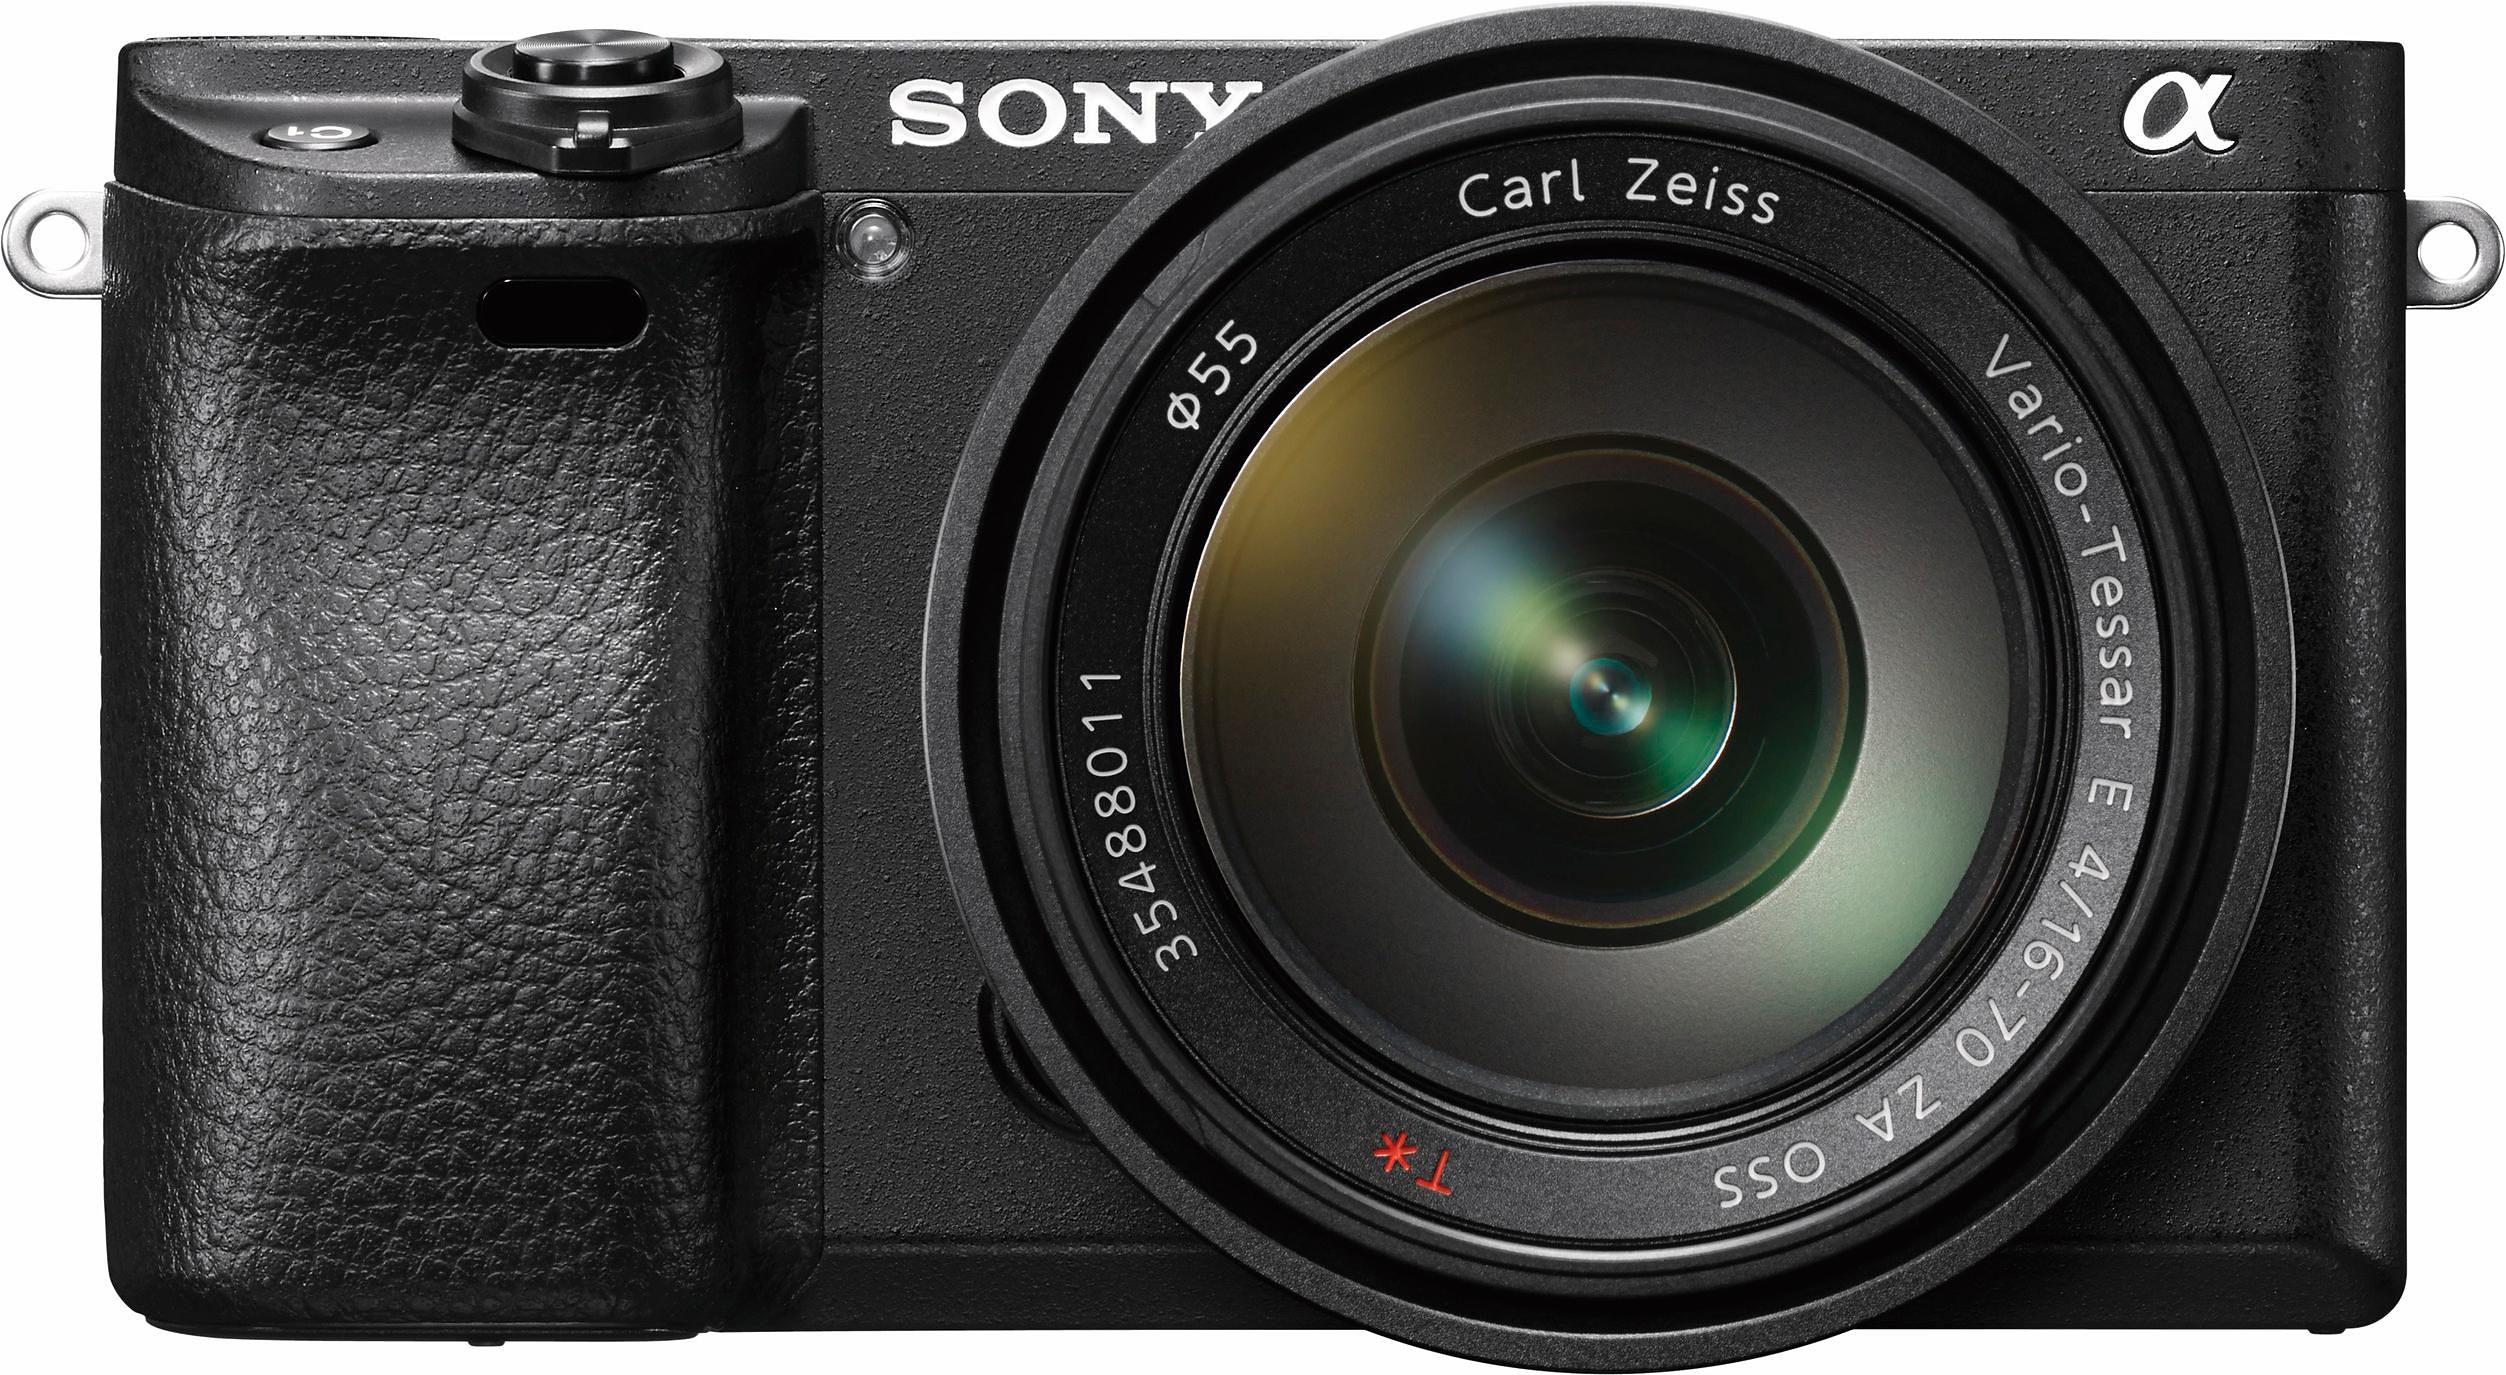 Sony Alpha ILCE-6300Z Objektivkamera, Sony SEL-1670Z Zoom, 24,2 Megapixel, 7,5 cm (3 Zoll) Display